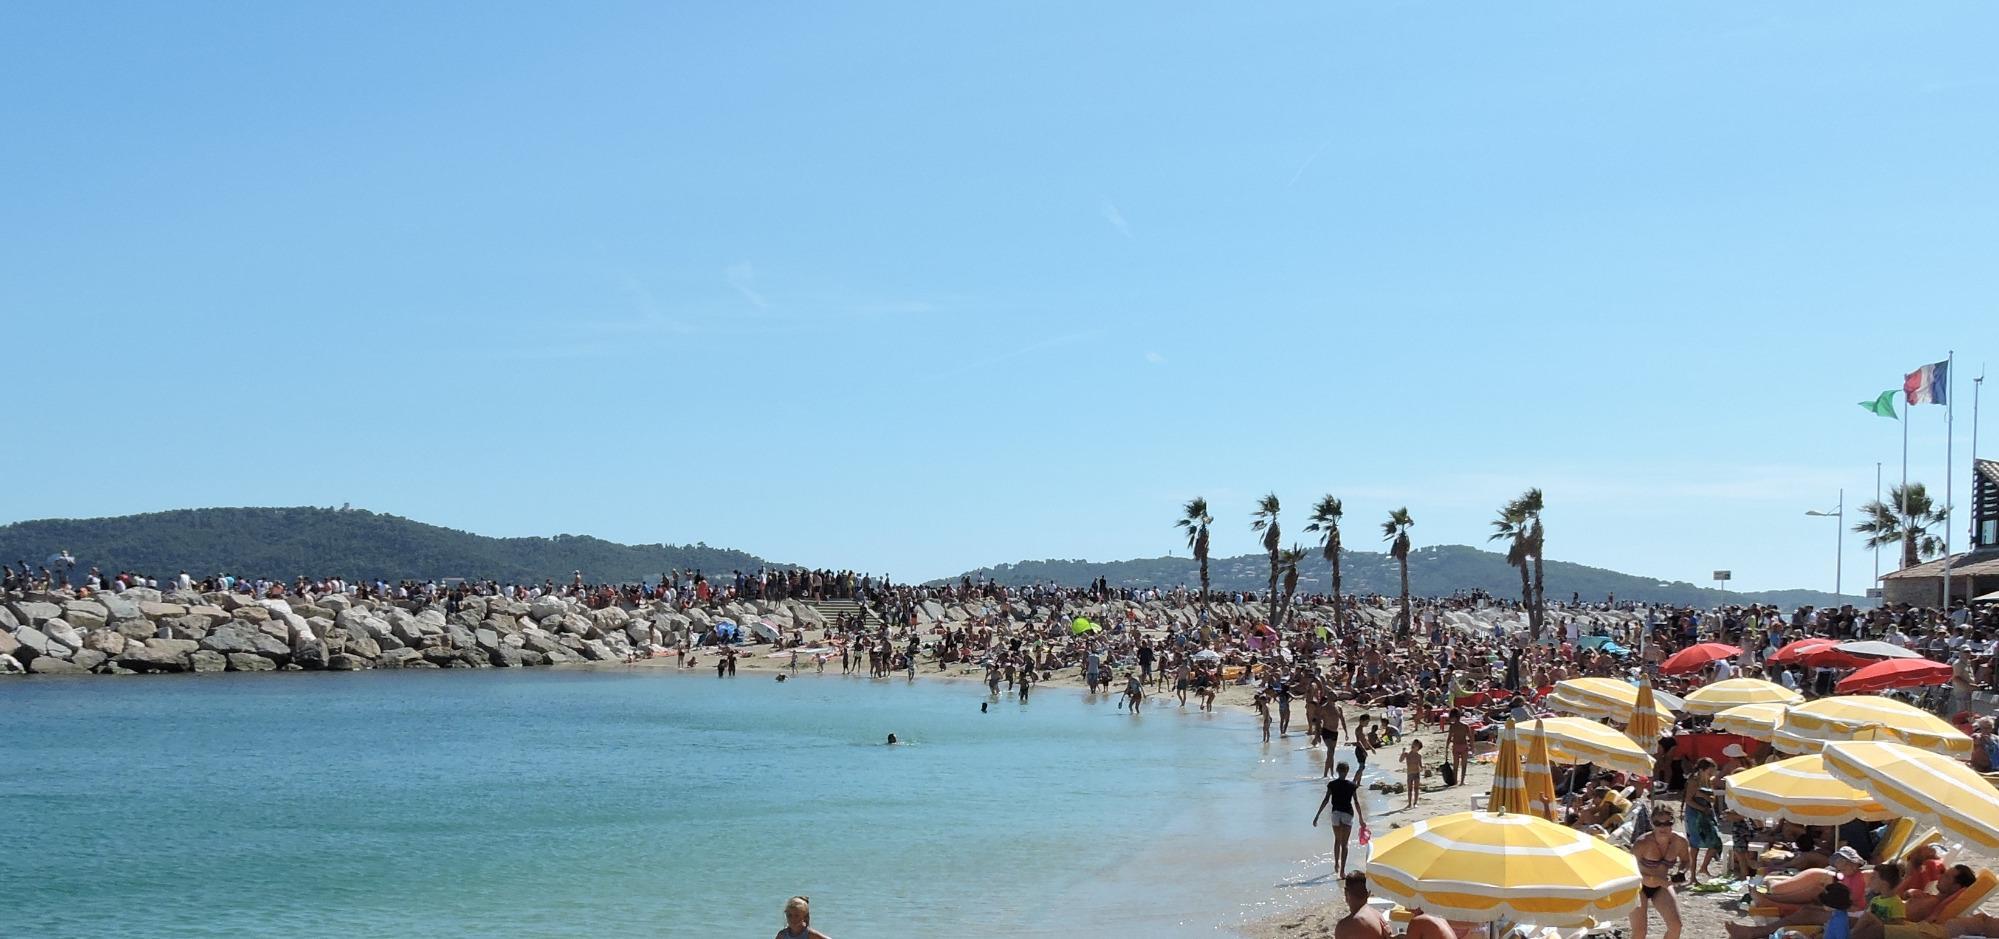 Фото диких пляжей франции